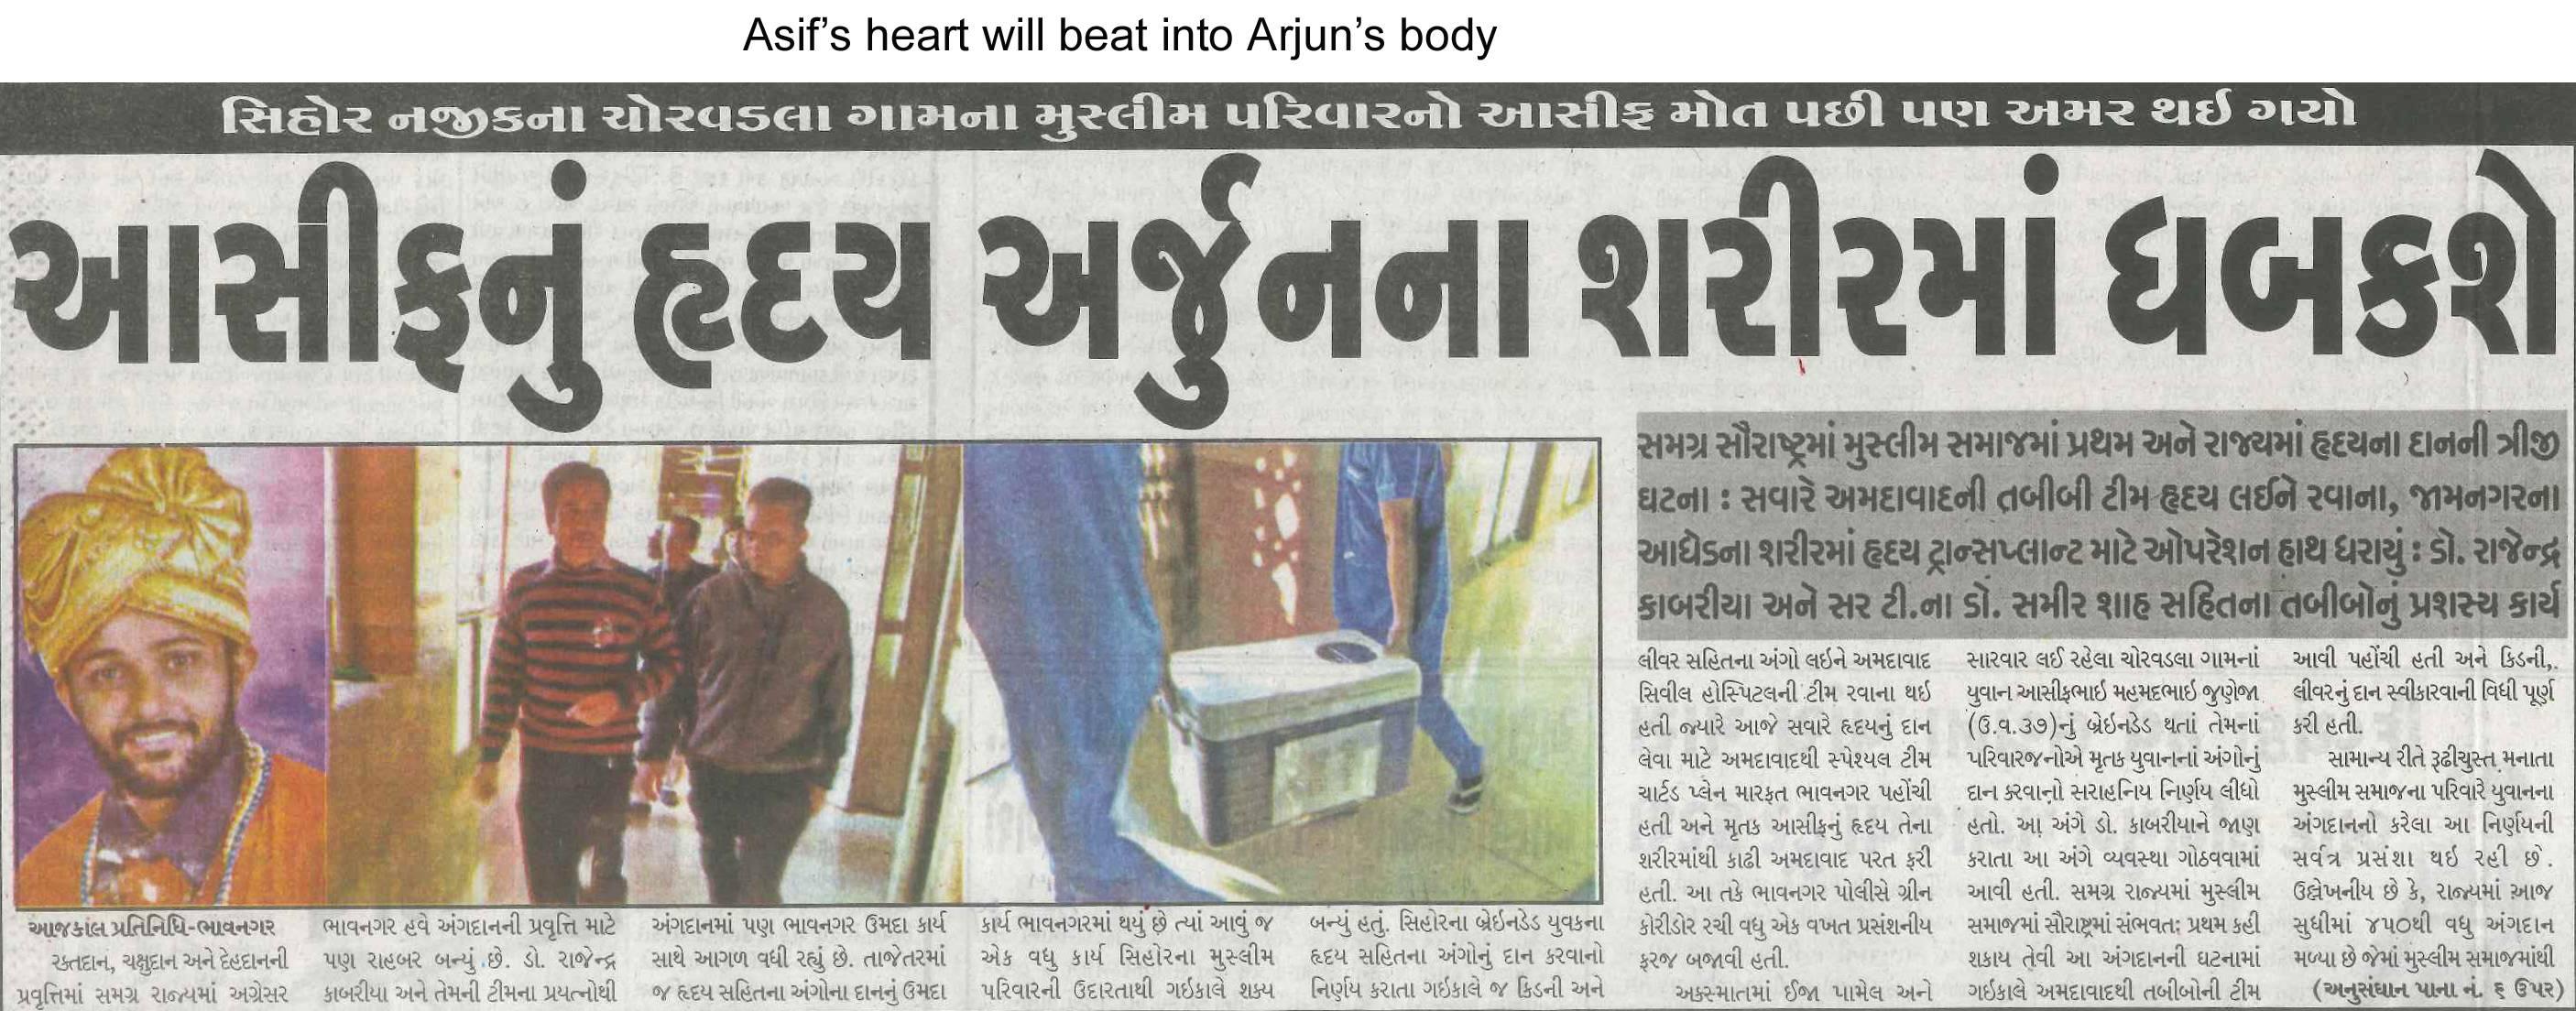 Aajkaal (Bhavnagar)_CIMS (1st Heart transplant in Gujarat)_19.12.16_Pg 08